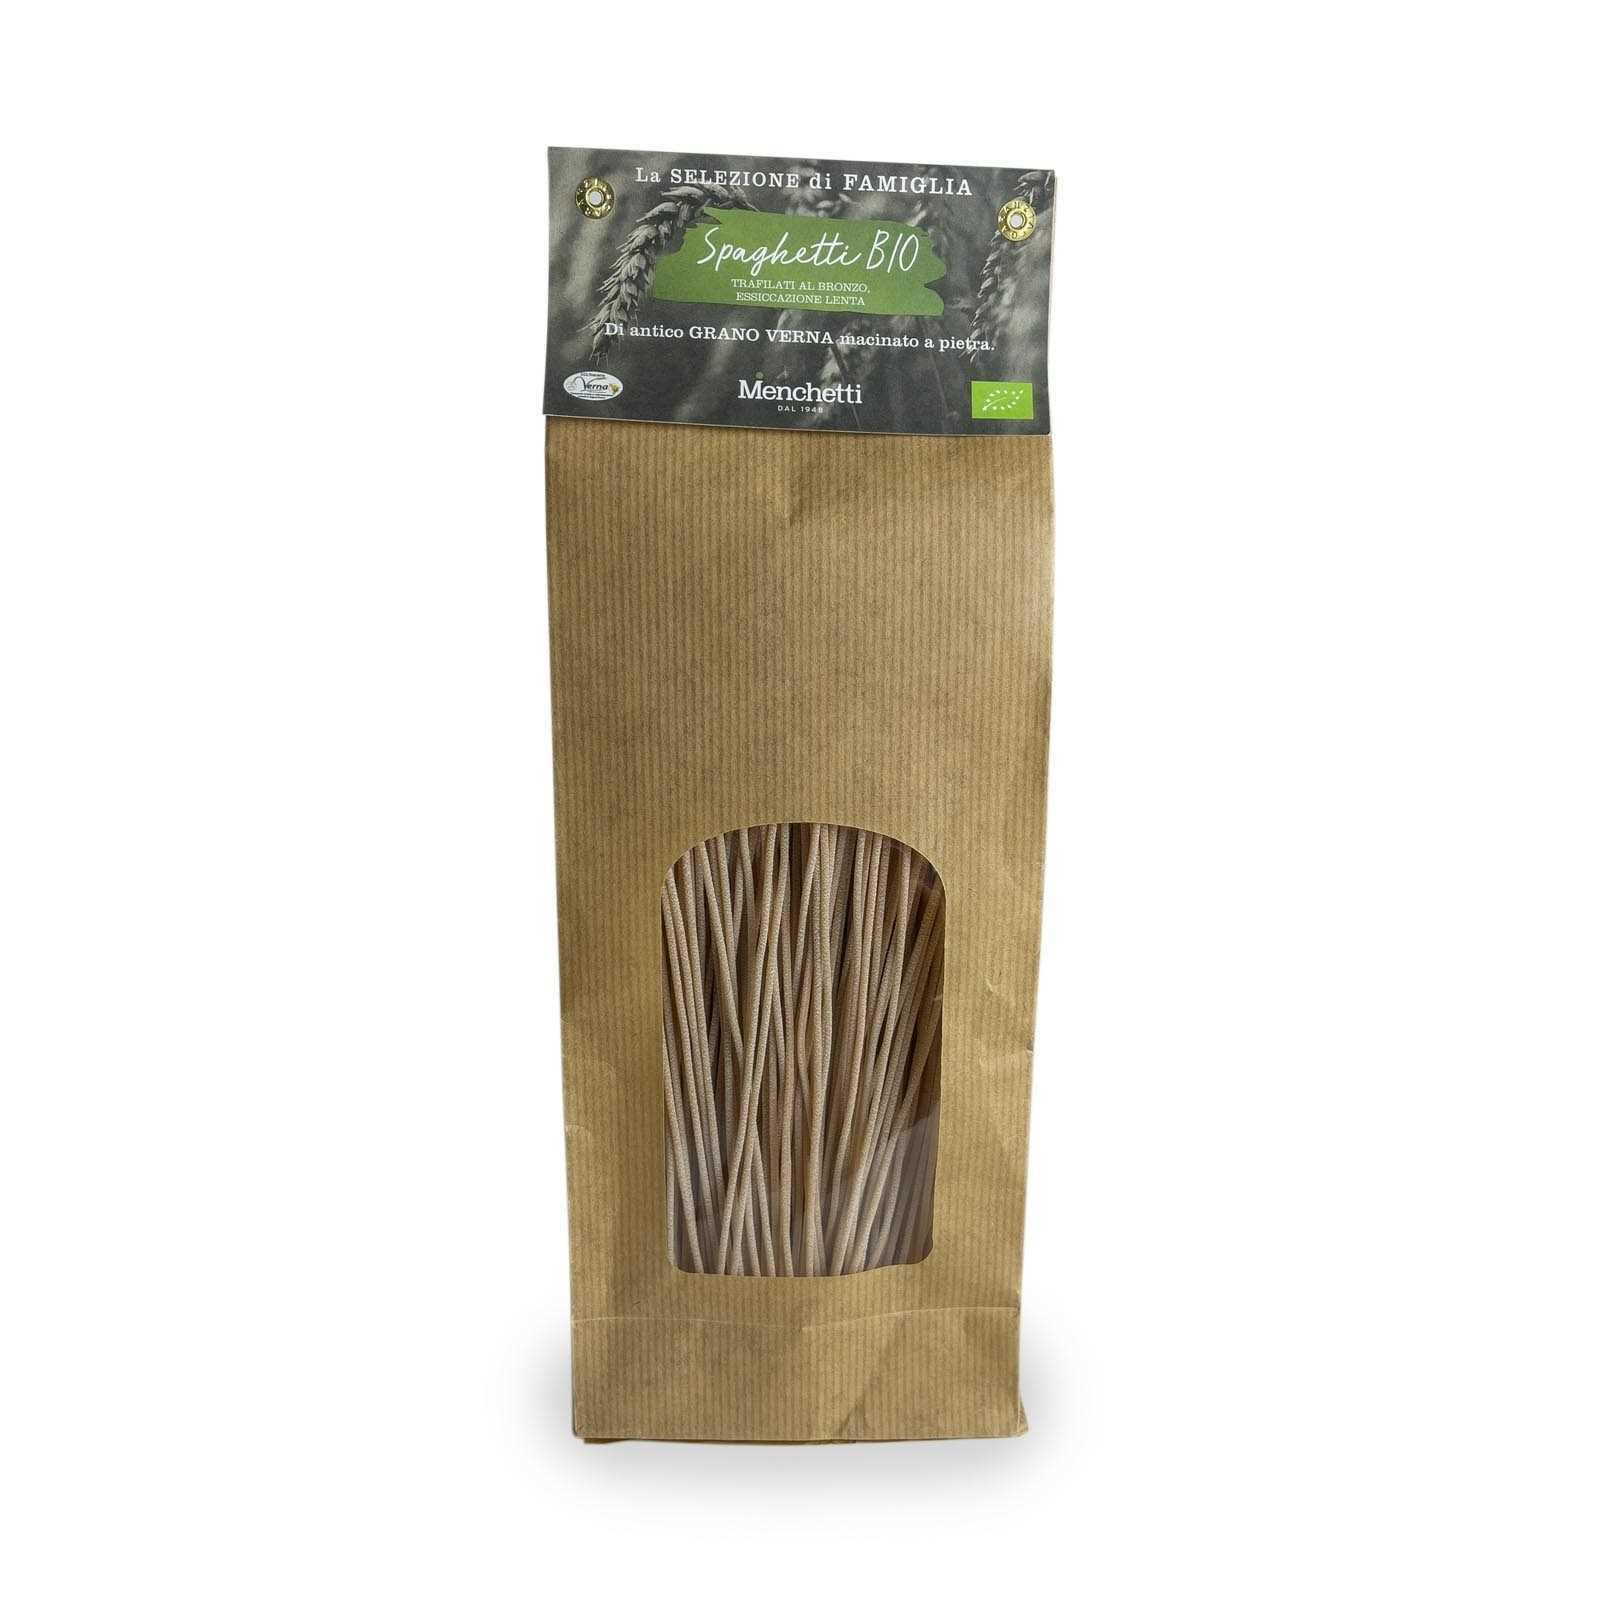 """""""Spaghetti"""" Bio Bronze gezogen, langsam trocknend. Biologische steingemahlene Verna Weichweizennudeln mit hohem Ballaststoffgehalt."""